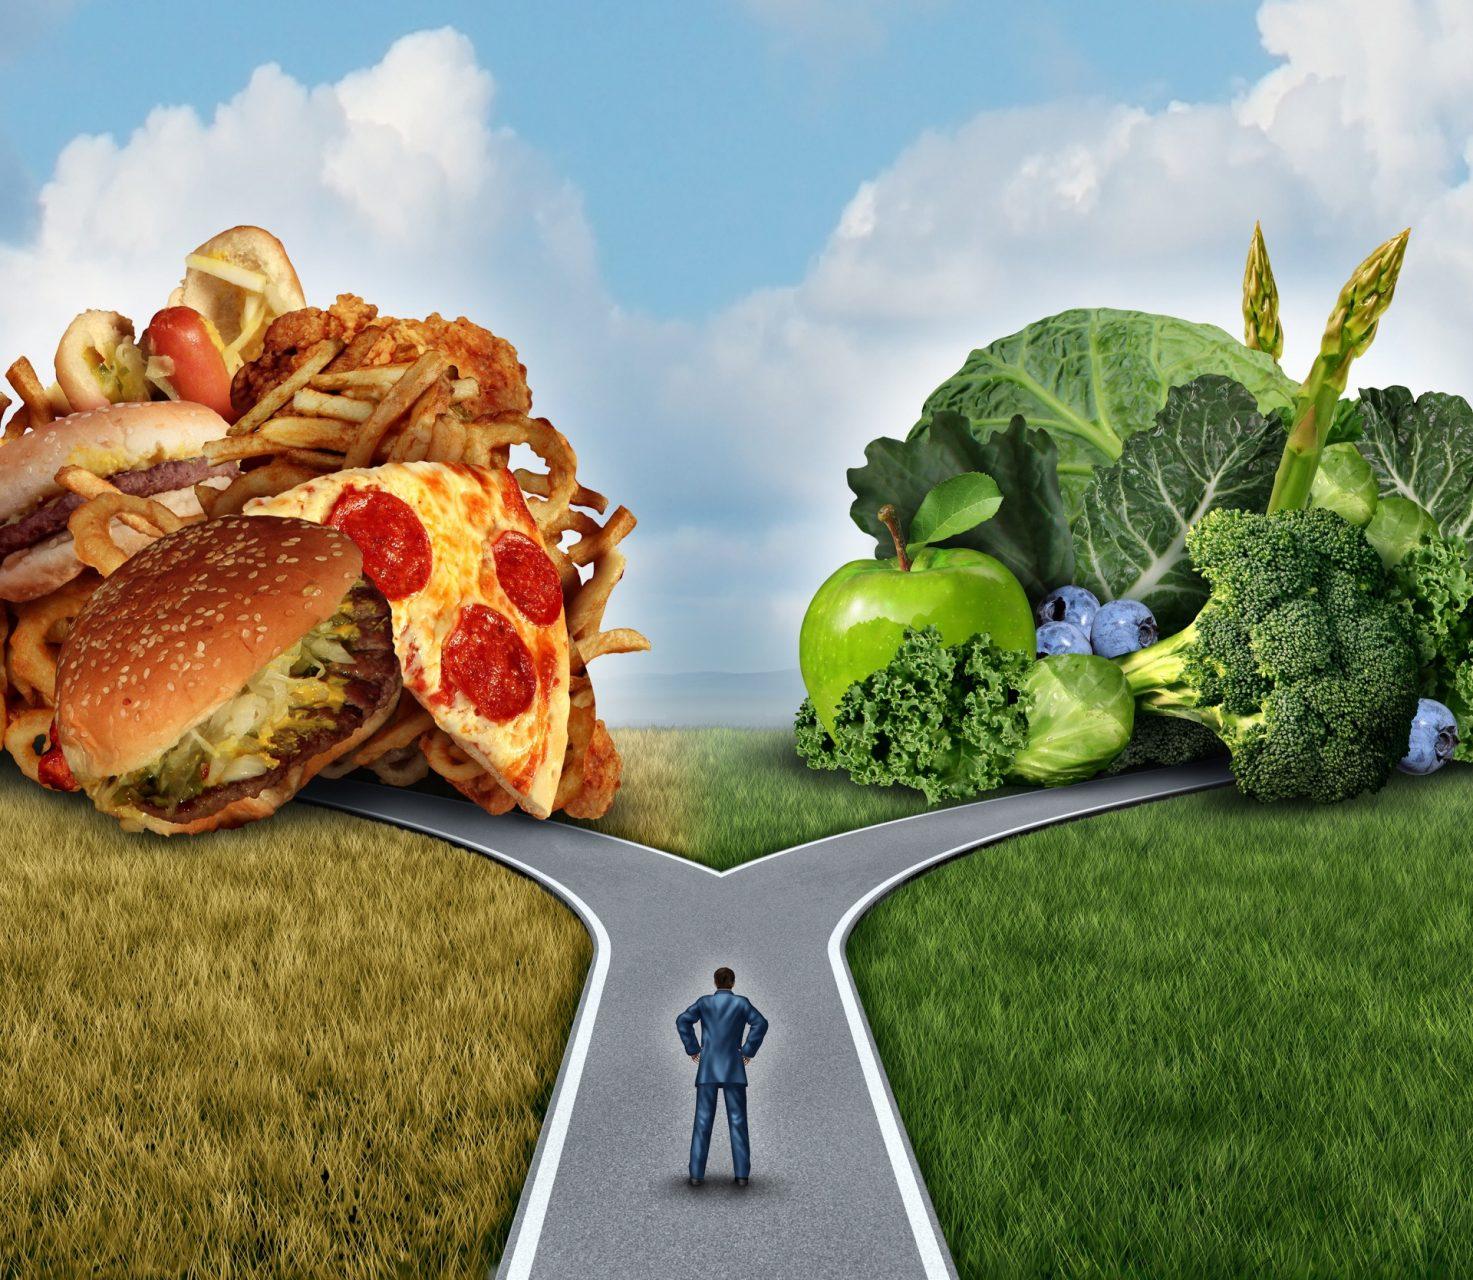 pierderea în greutate s-a căsătorit la prima vedere)